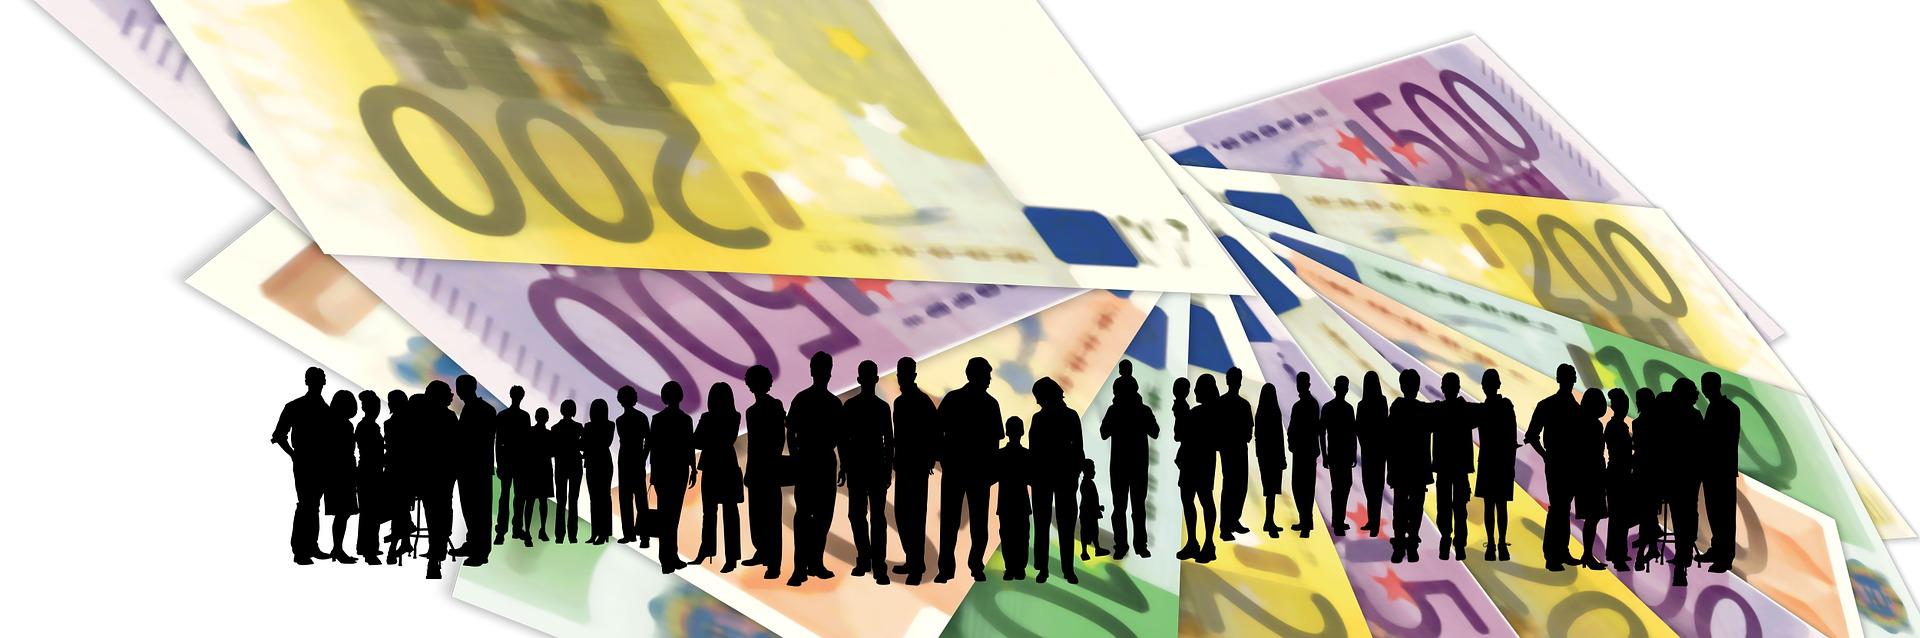 Bürgerinitiative Grundeinkommen